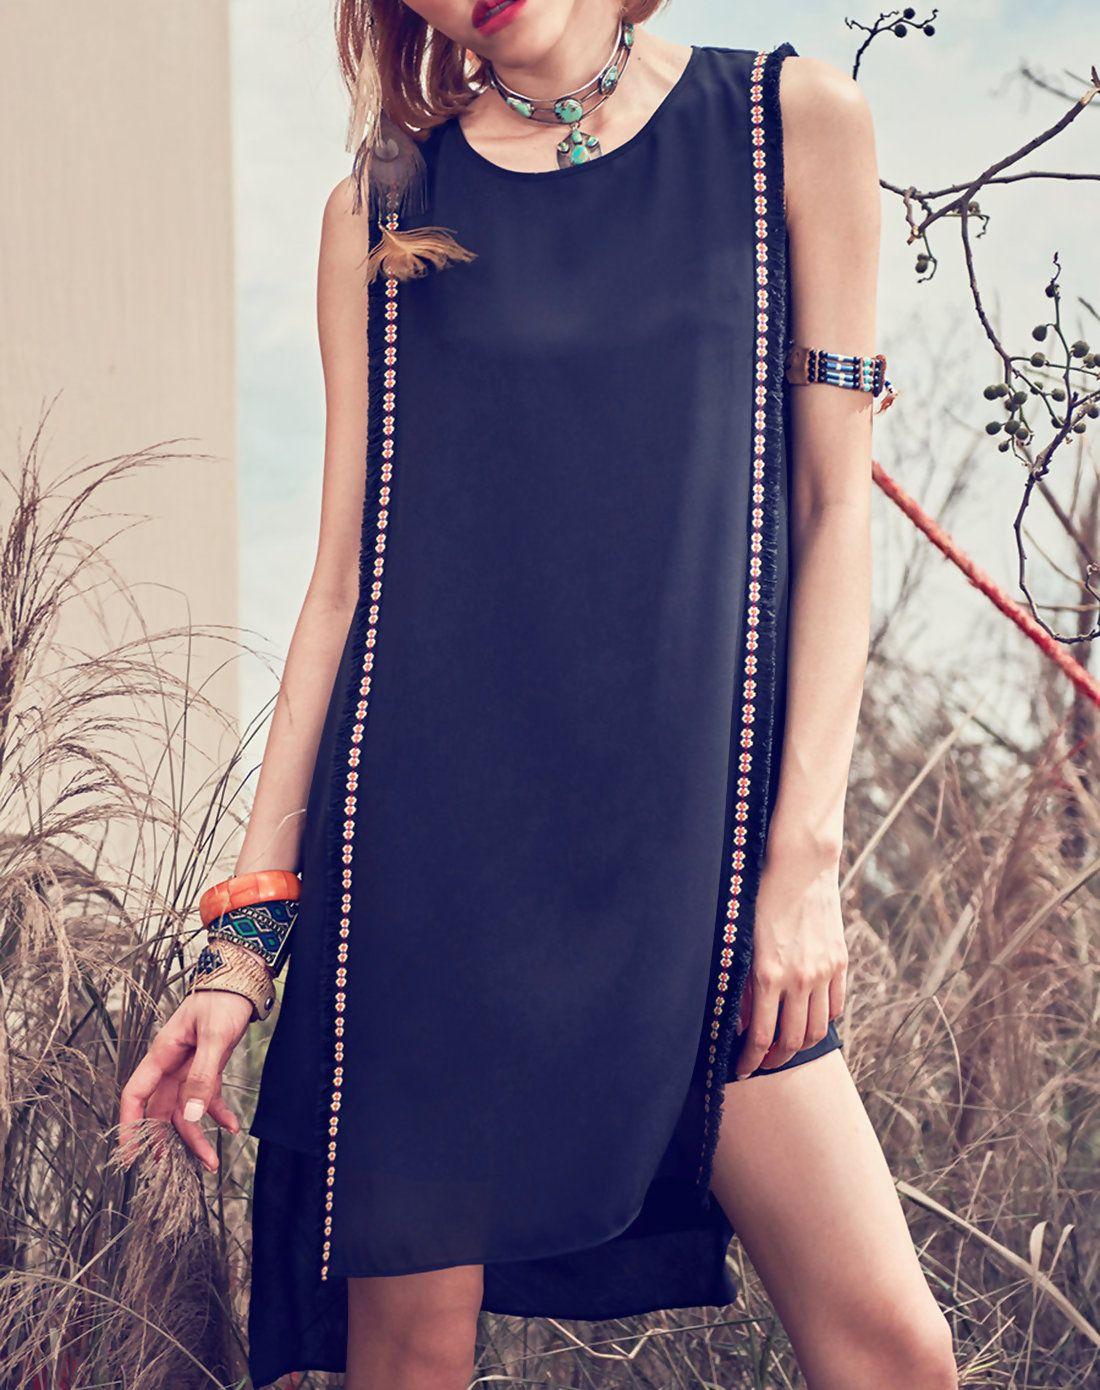 Adorewe aporia as vintage black plain chiffon simple embroidered